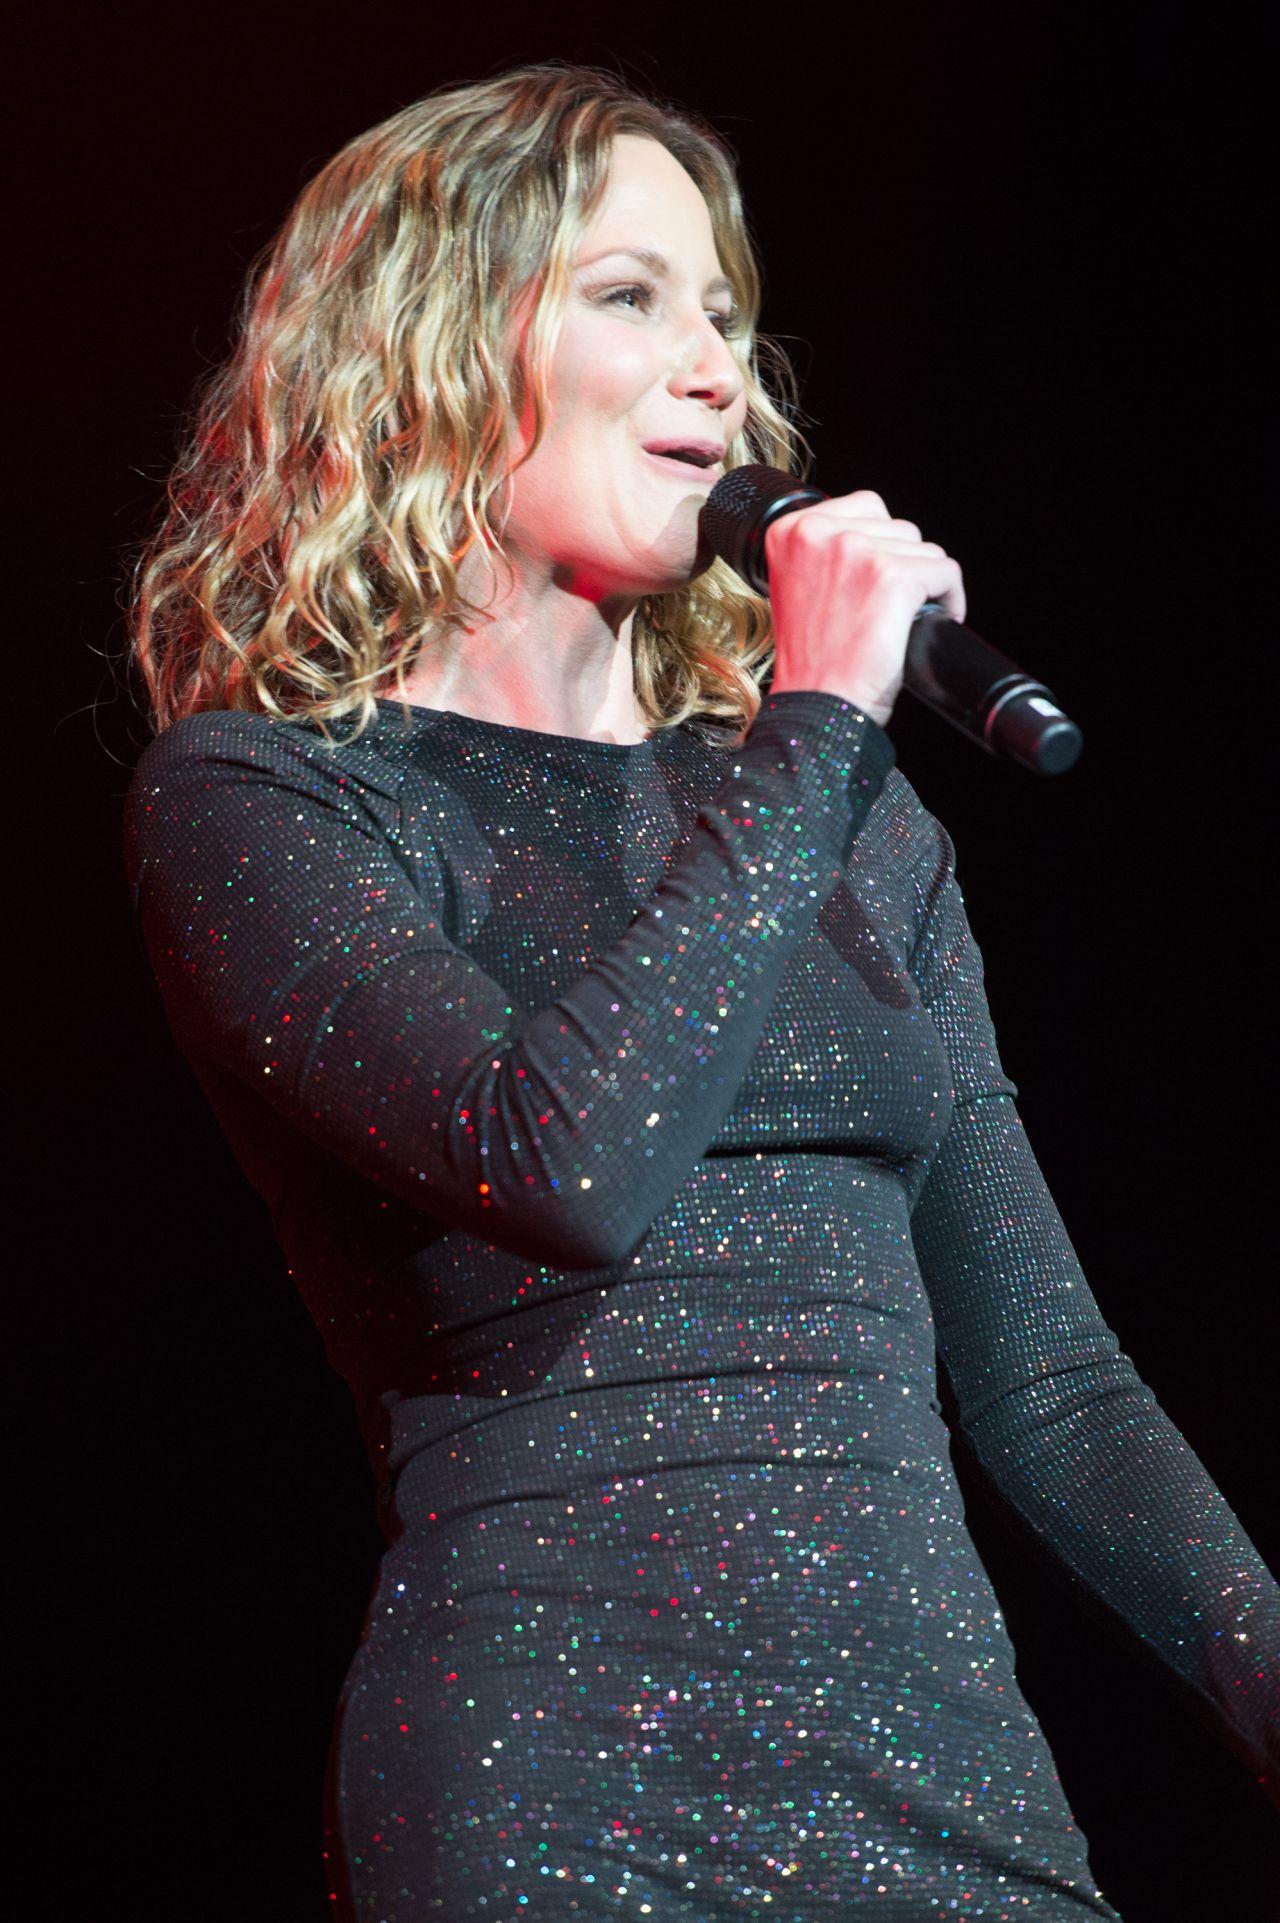 Jennifer Nettles Performs at C2C Country Music Festival in ... Jennifer Nettles